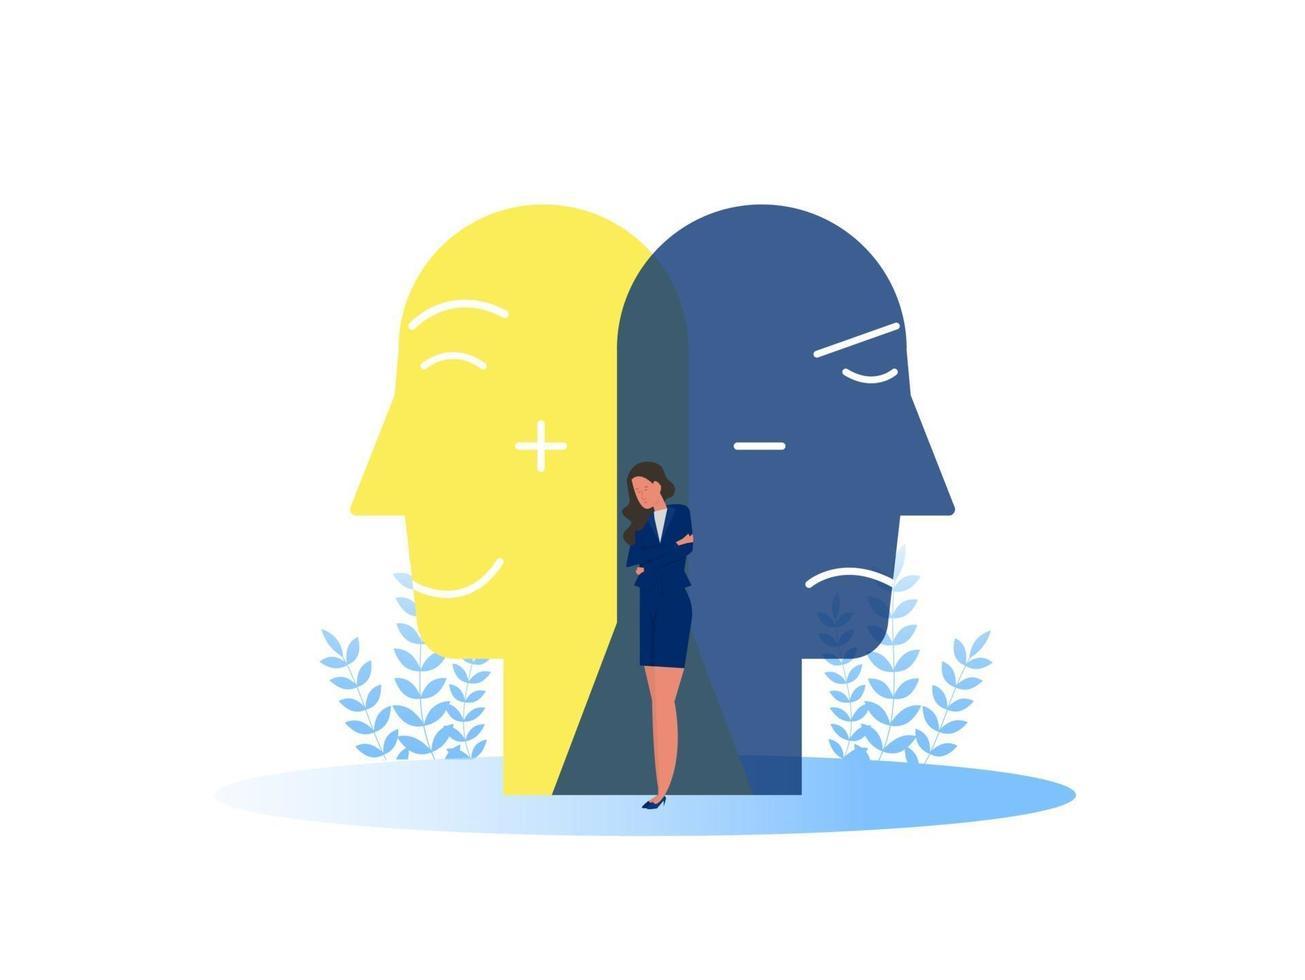 Síndrome do impostor máscaras com expressões alegres ou tristes. transtorno bipolar falsos rostos e emoções. psicologia comportamento falso ou enganador vetor